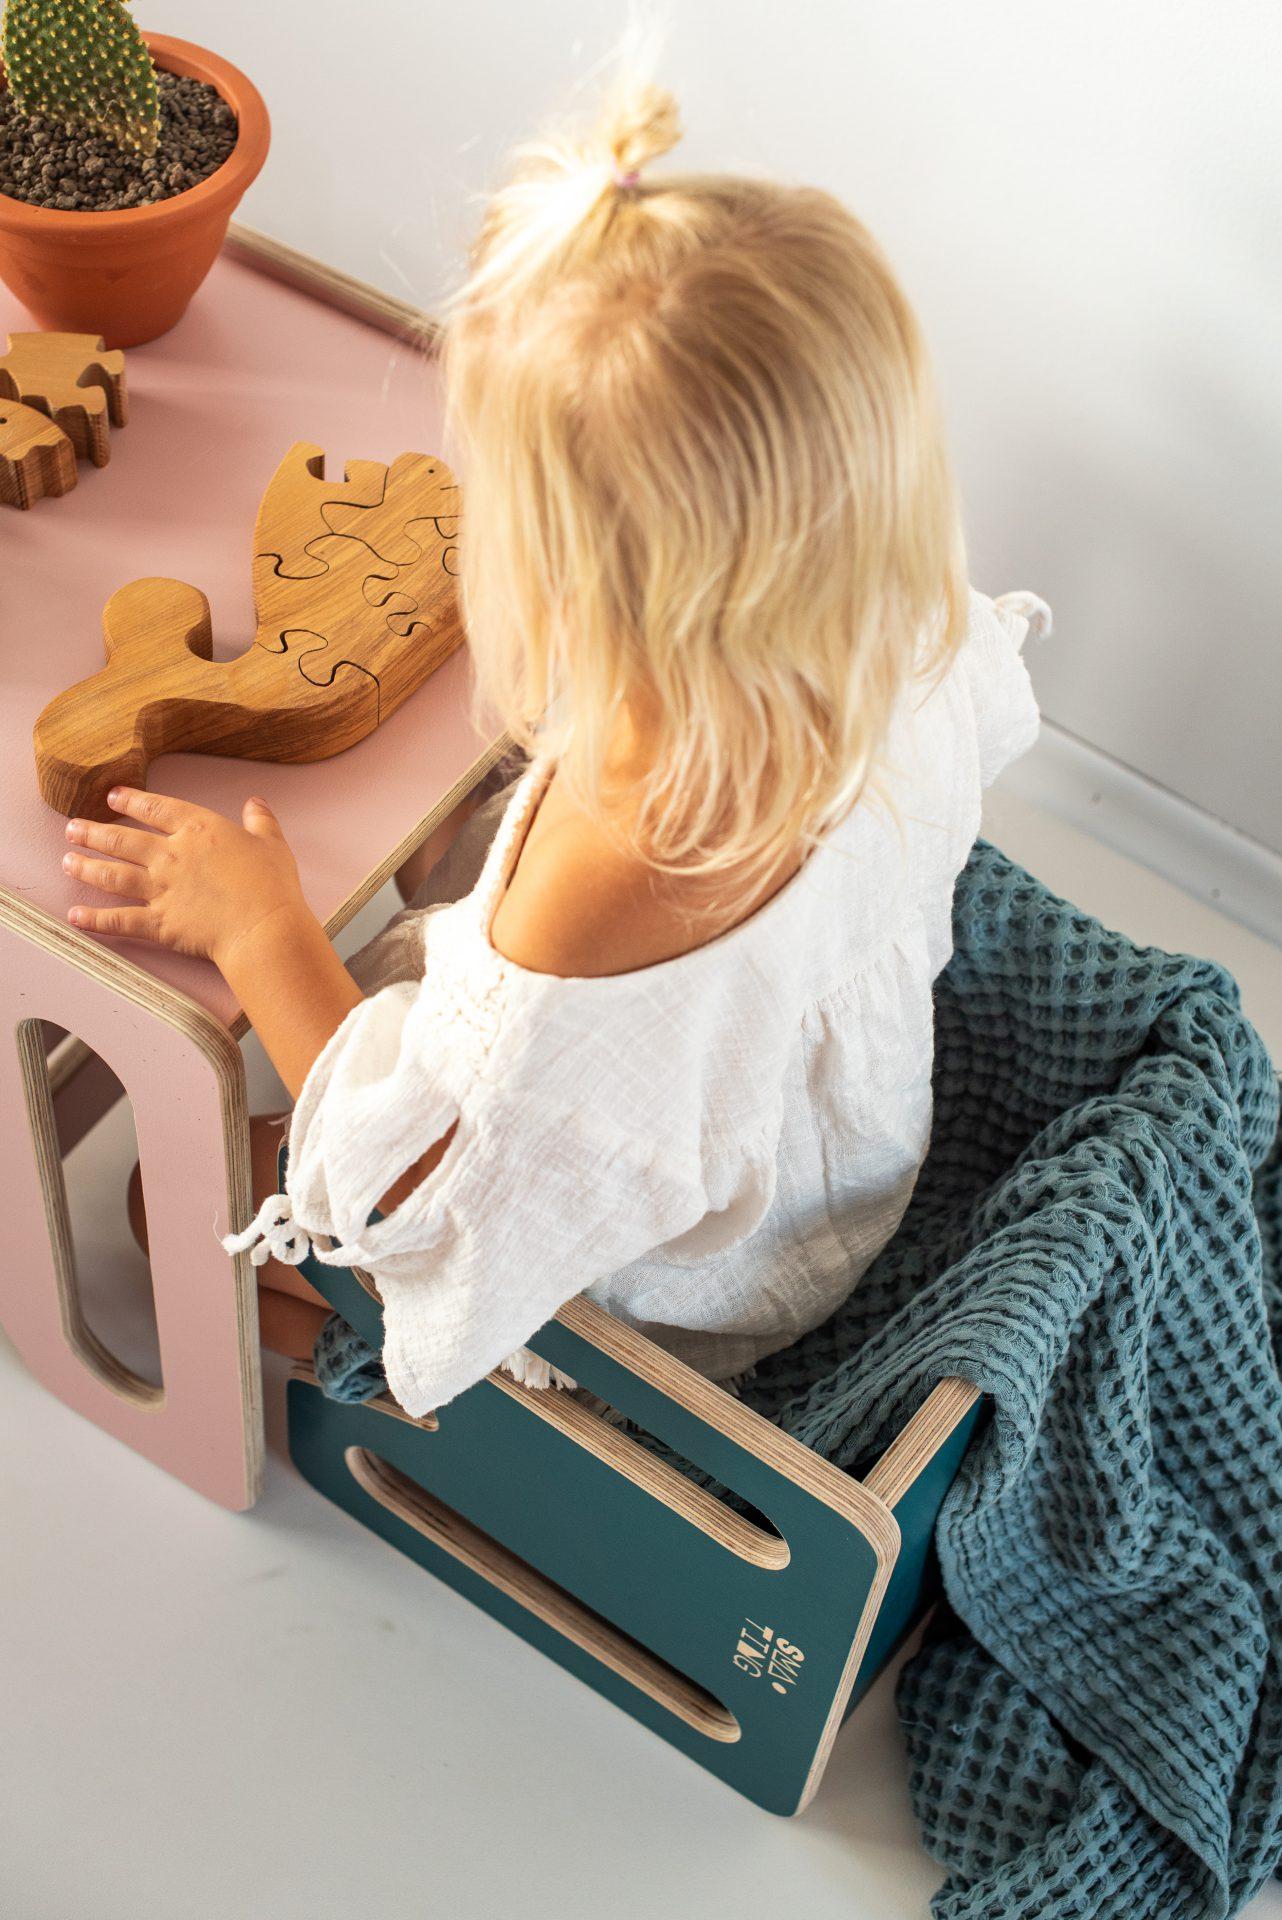 Mebelki edukacyjne dla dzieci ze sklejki kubi. KUBI mini i max - kadr